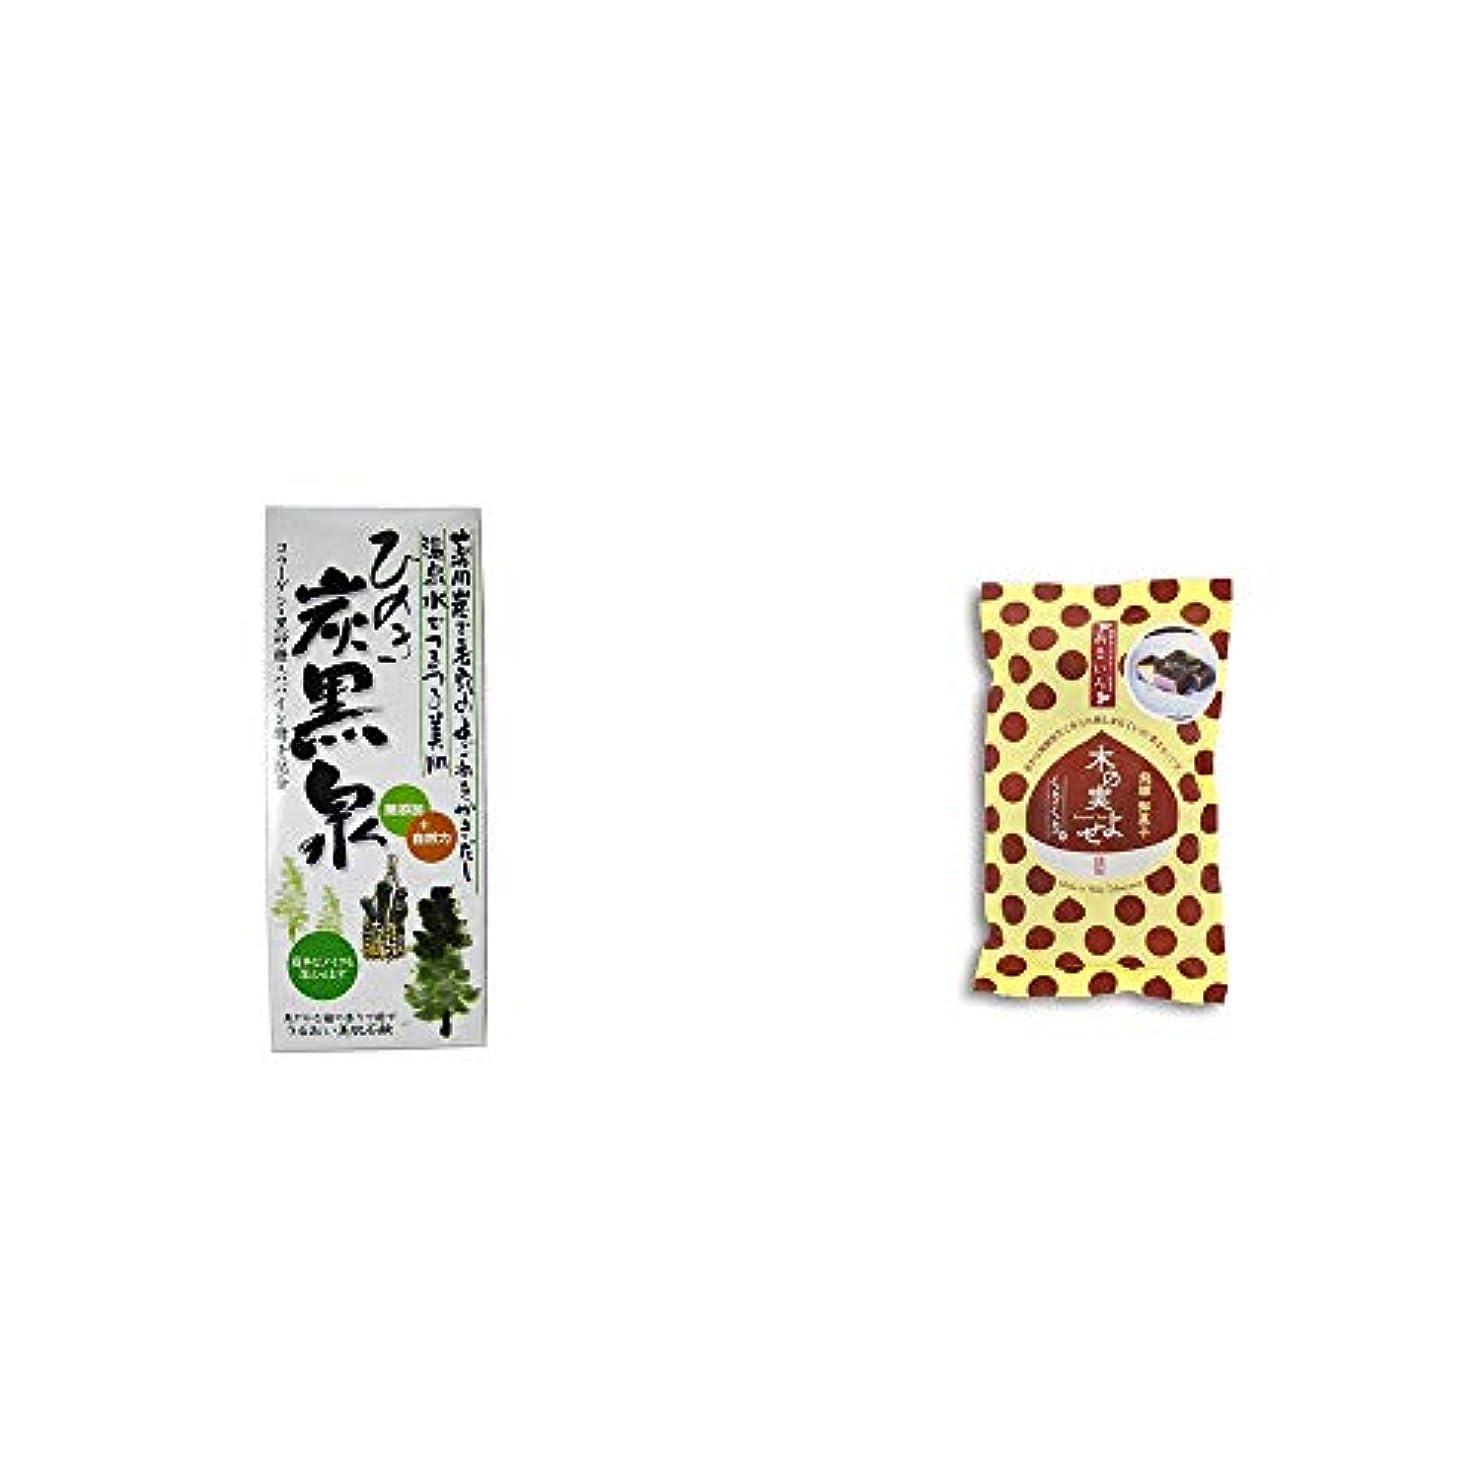 病気の批判的に序文[2点セット] ひのき炭黒泉 箱入り(75g×3)?木の実よせ くりくり味(5個入)